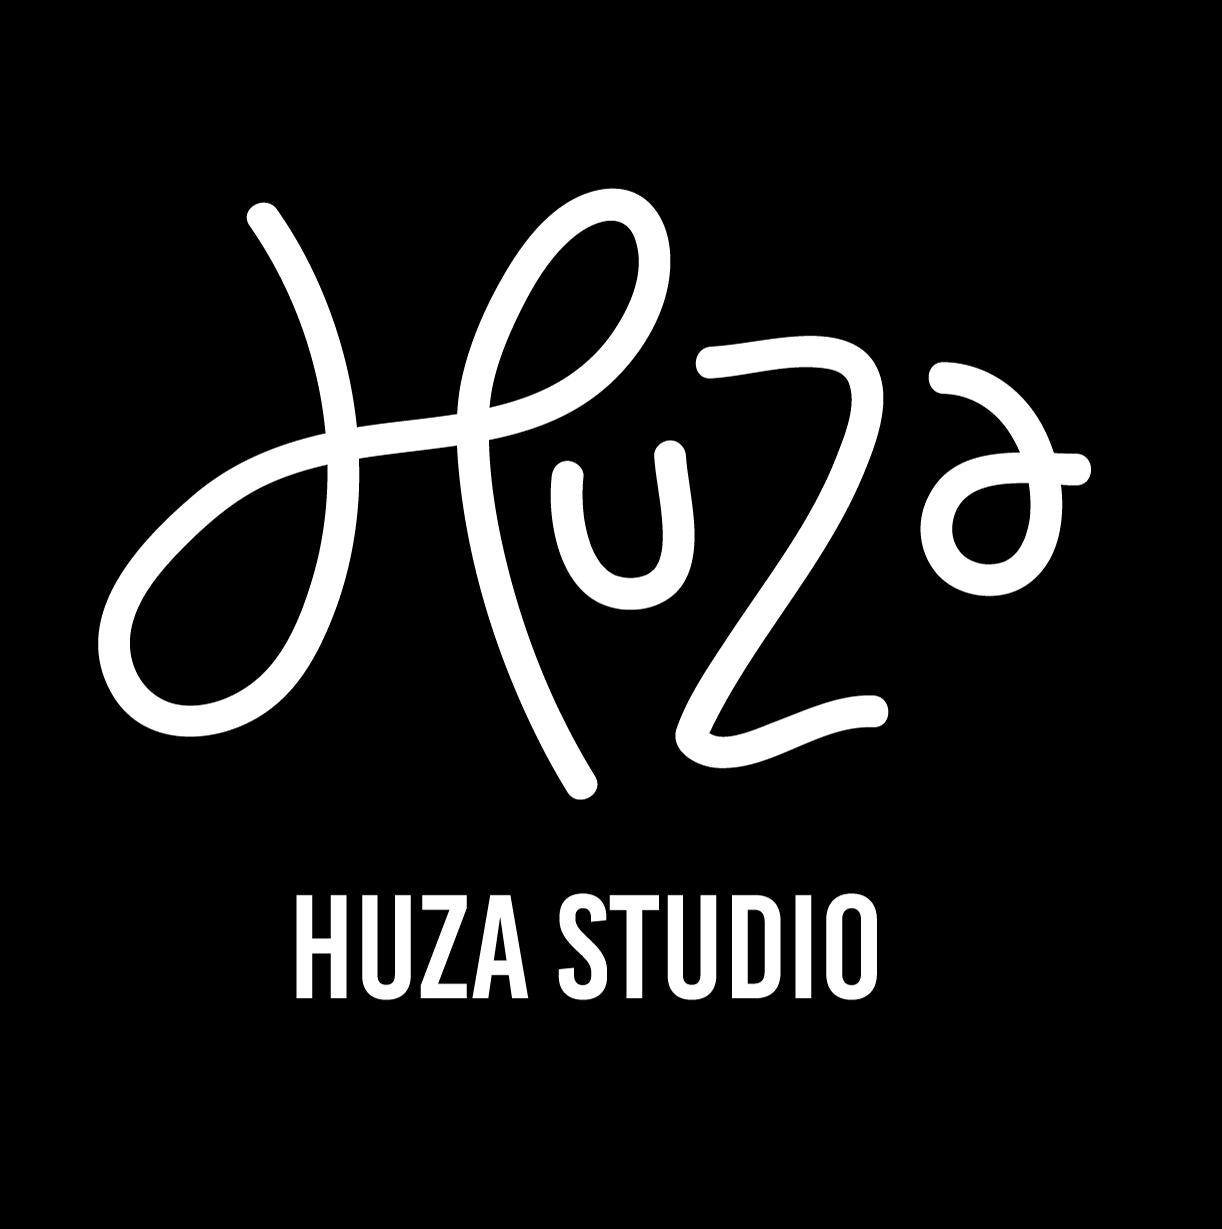 Huza Studio